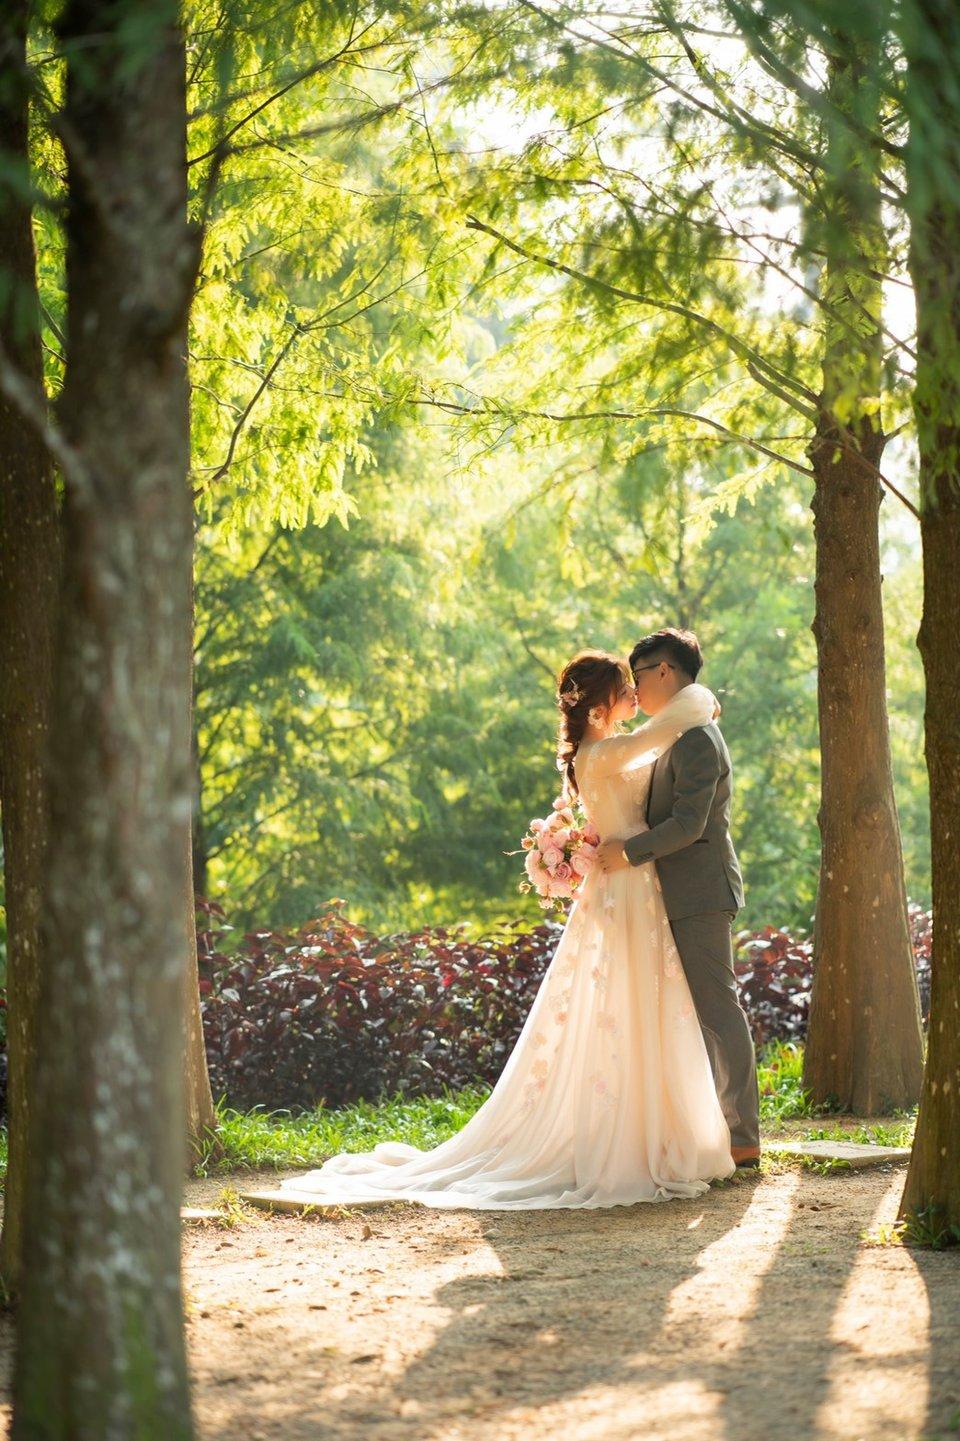 華納婚紗-台中婚紗,第一首選~最美的華納婚紗